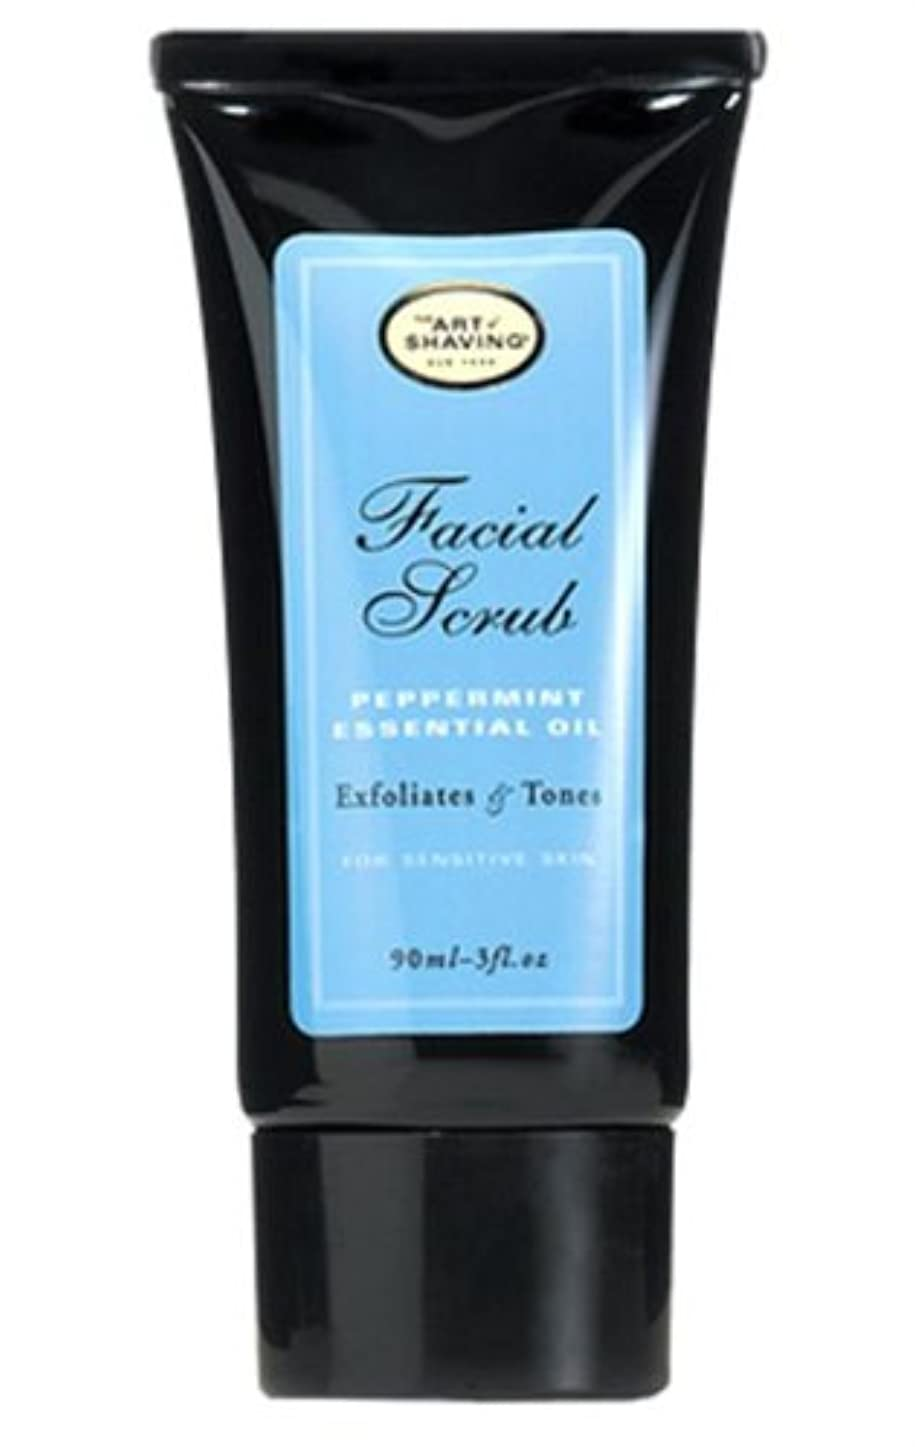 指標音楽家ブランド名The Art Of Shaving Facial Scrub With Peppermint Essential Oil (並行輸入品) [並行輸入品]